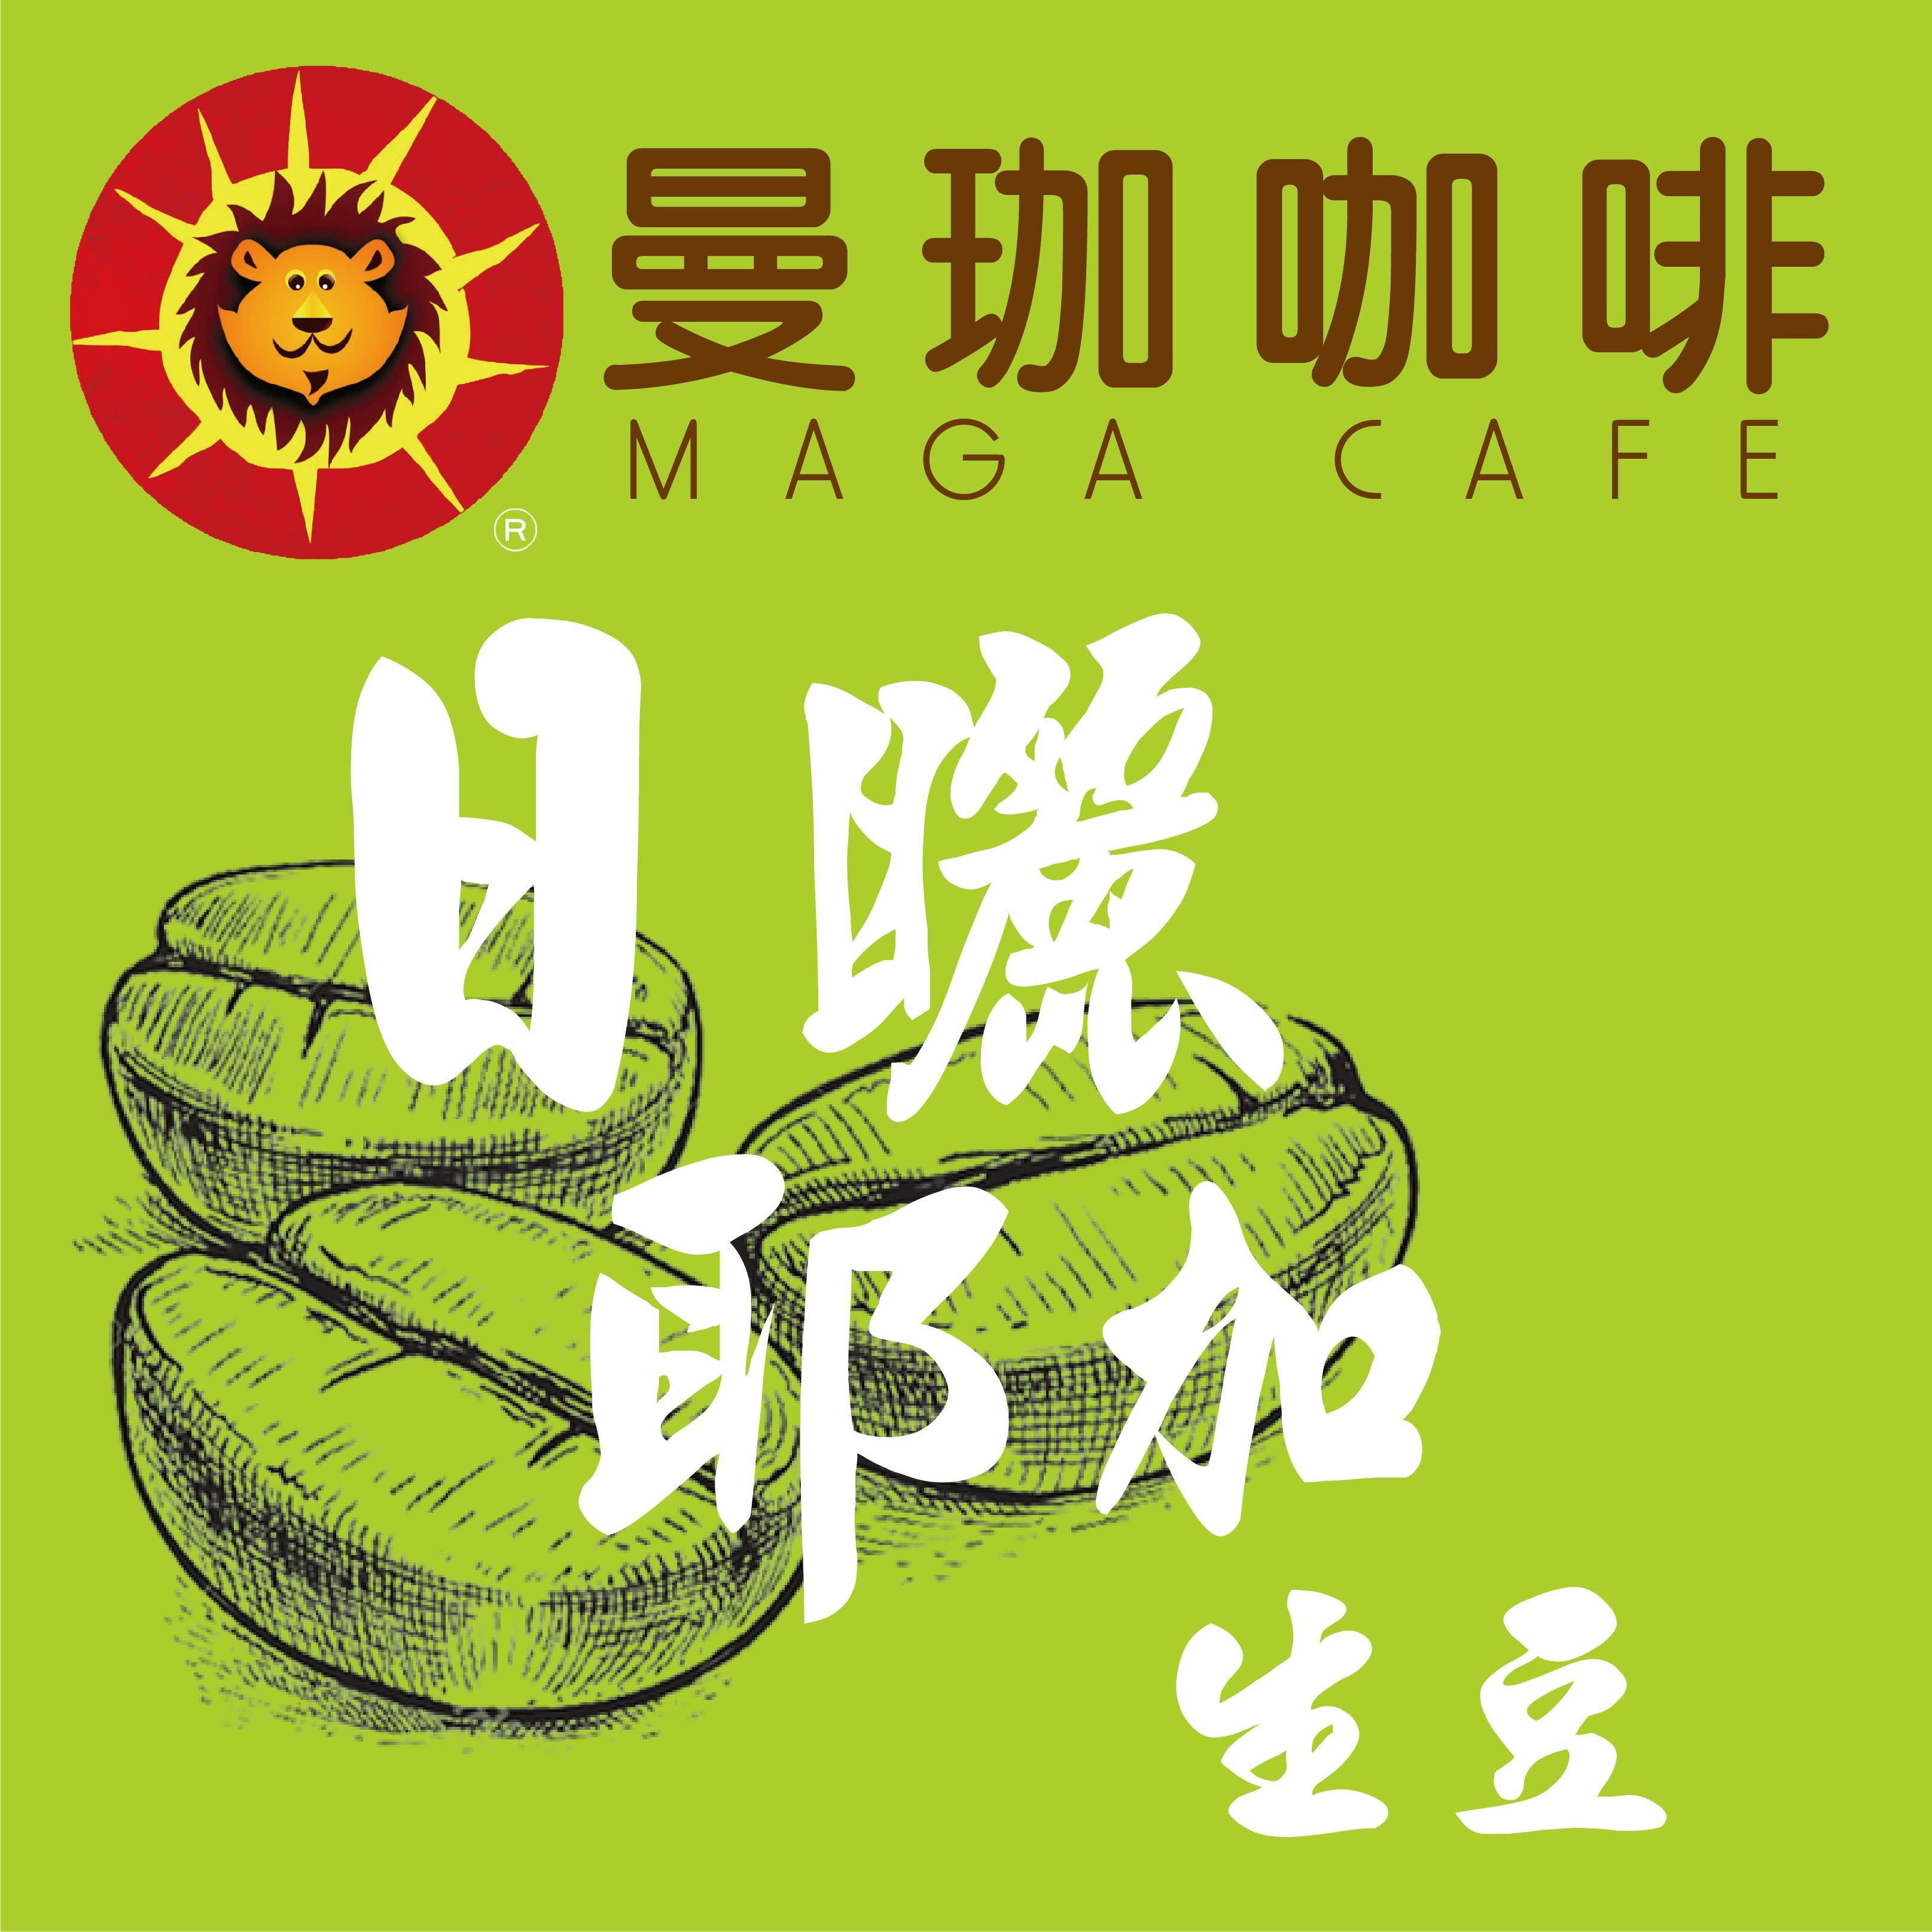 曼珈咖啡【日曬耶加雪菲 G1】咖啡生豆 1公斤 - 限時優惠好康折扣